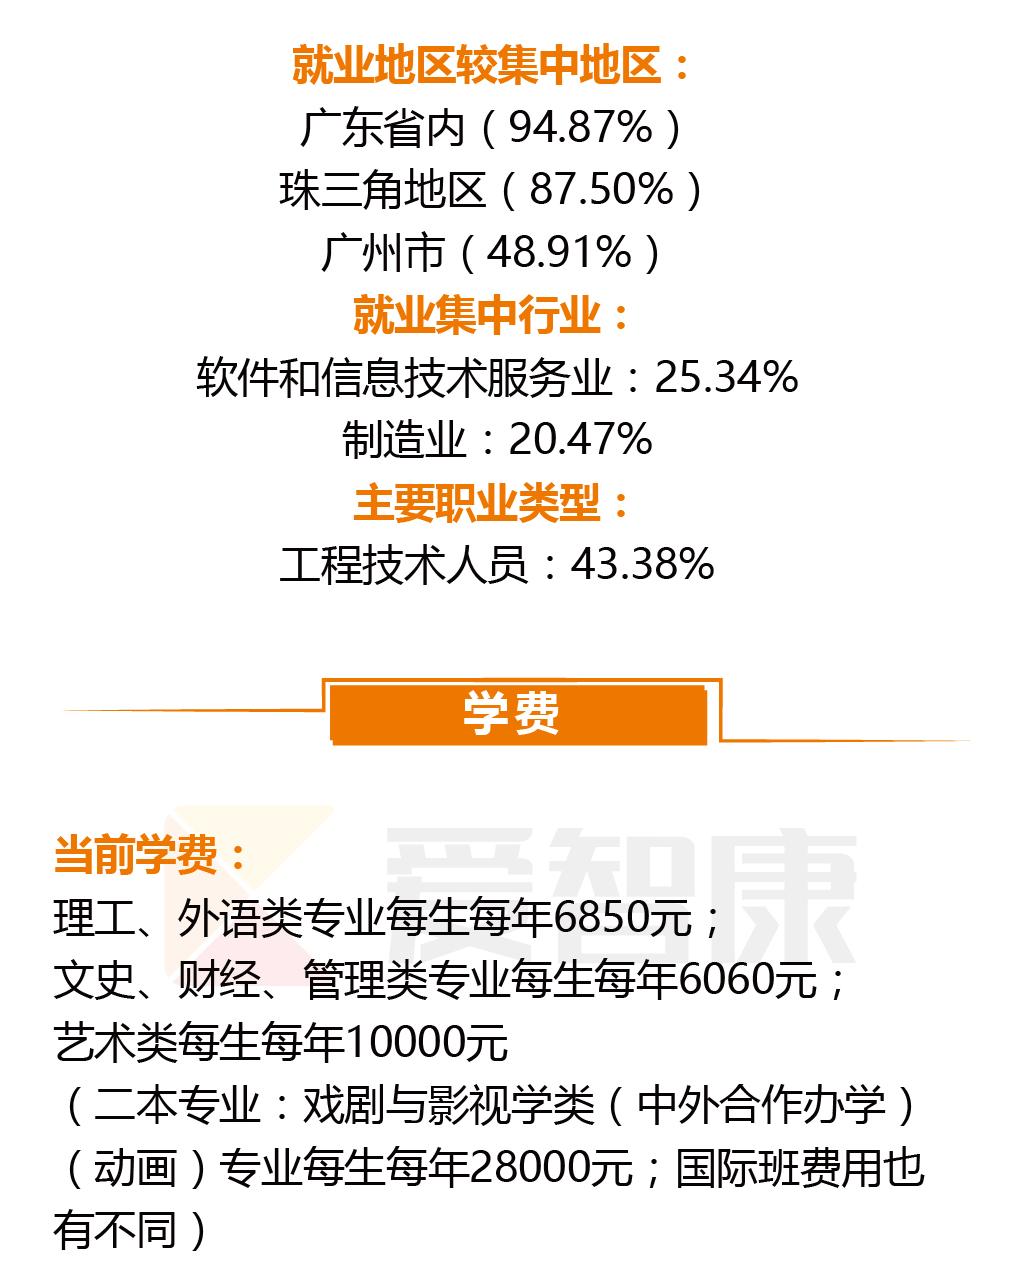 广东工业大学学费